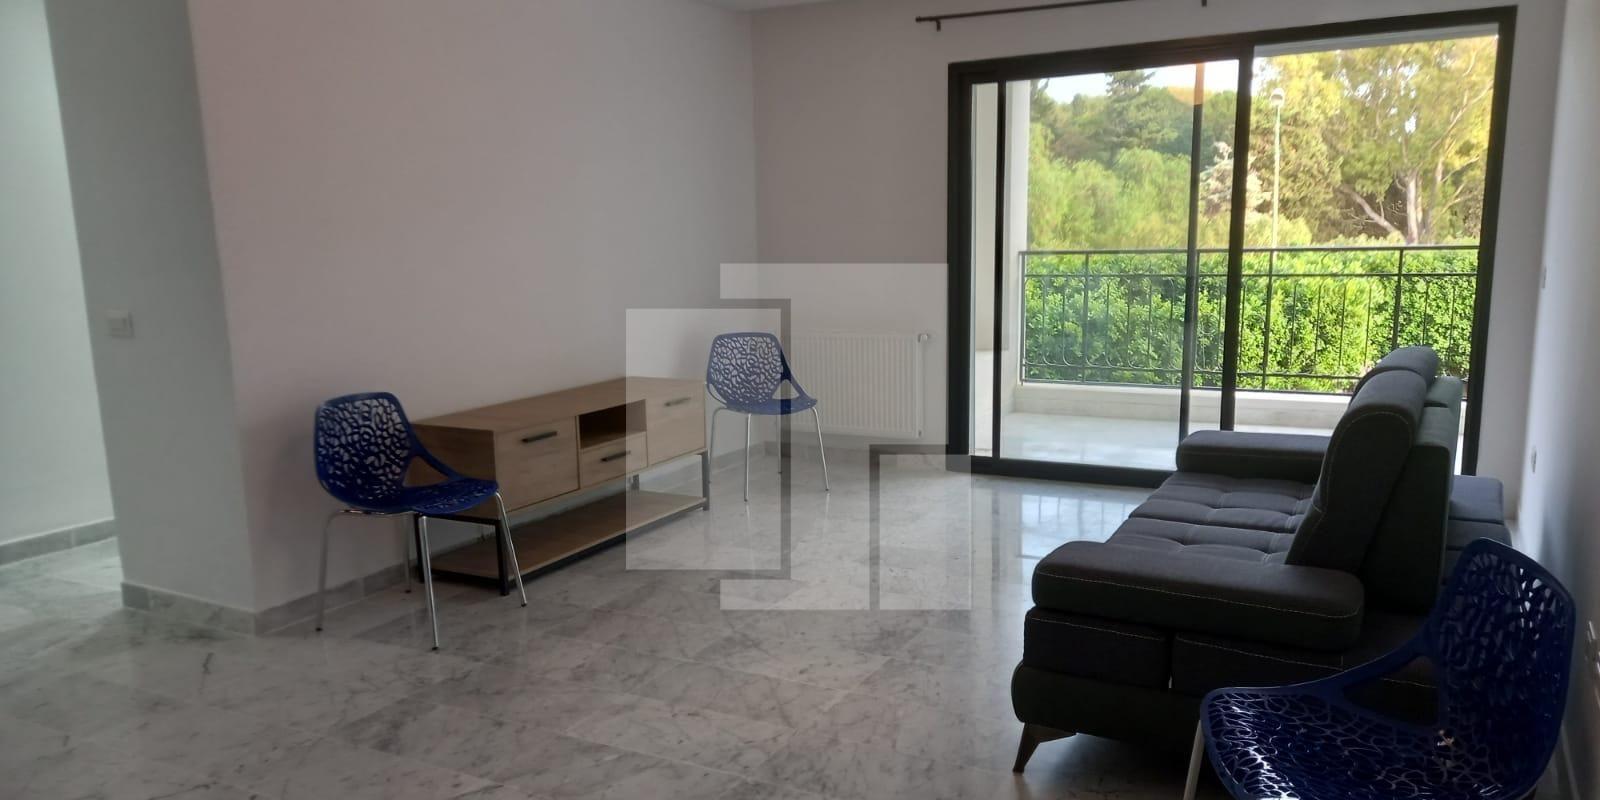 Appartement vide ou Meublé, Marsa ville